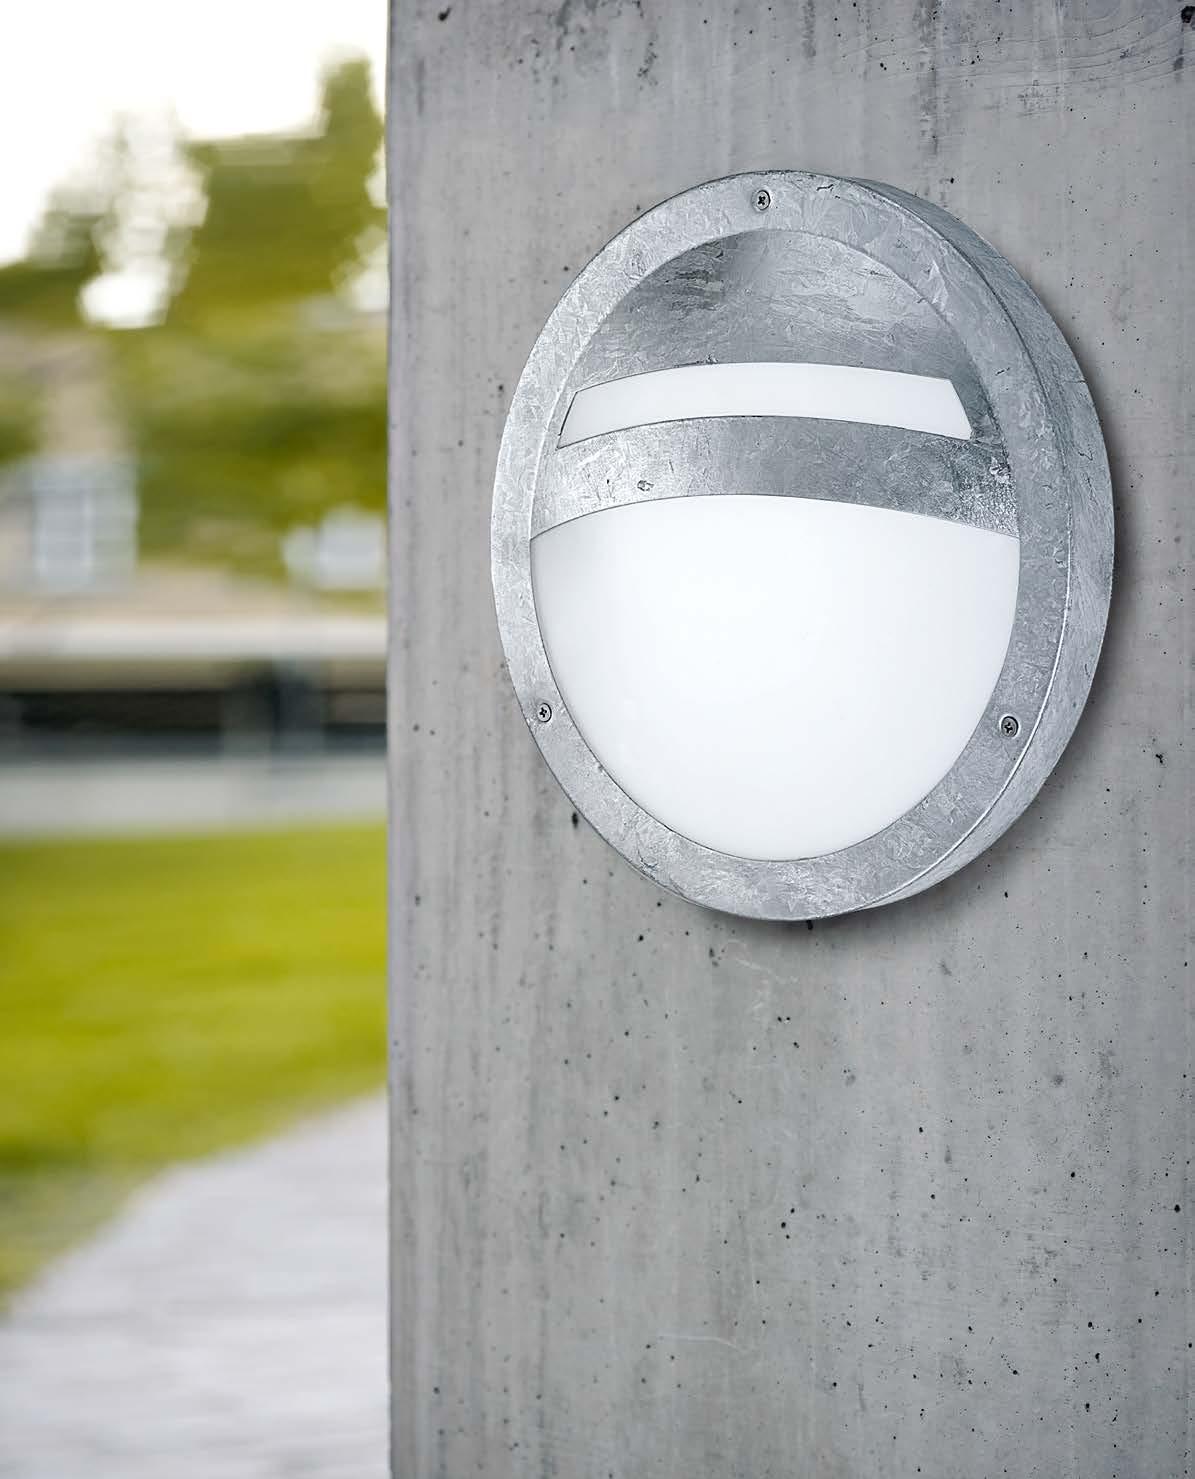 EGLO 88119 SEVILLA venkovní svítidlo nástěnné nejen ke schodům, na terasu